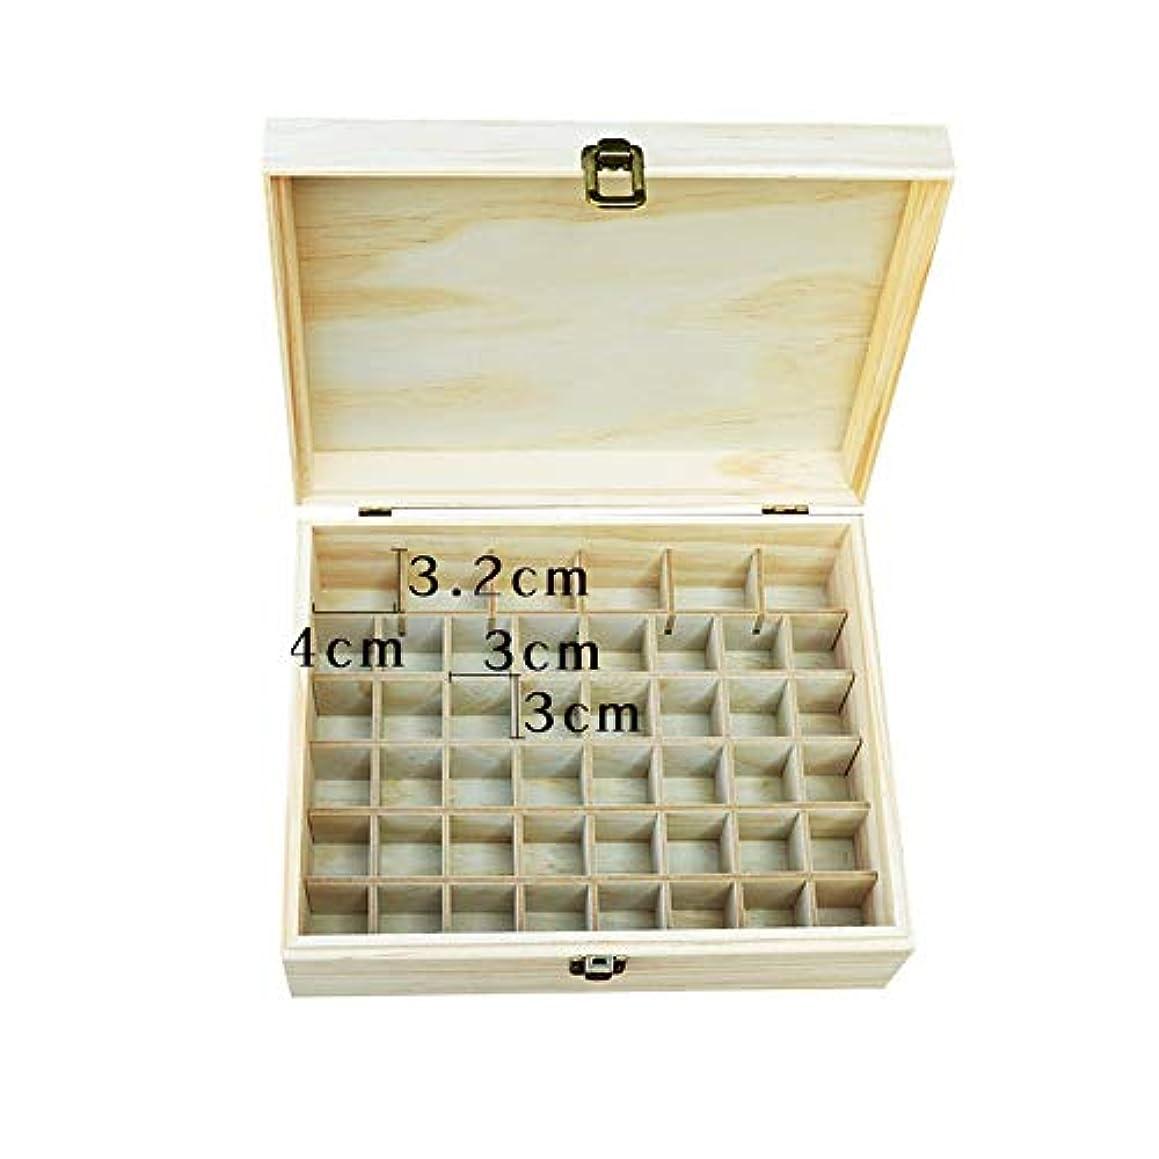 エミュレーションマッシュ精神医学大46ボトル木製のエッセンシャルオイルの収納ボックス アロマセラピー製品 (色 : Natural, サイズ : 22.2X10.2X8.2CM)